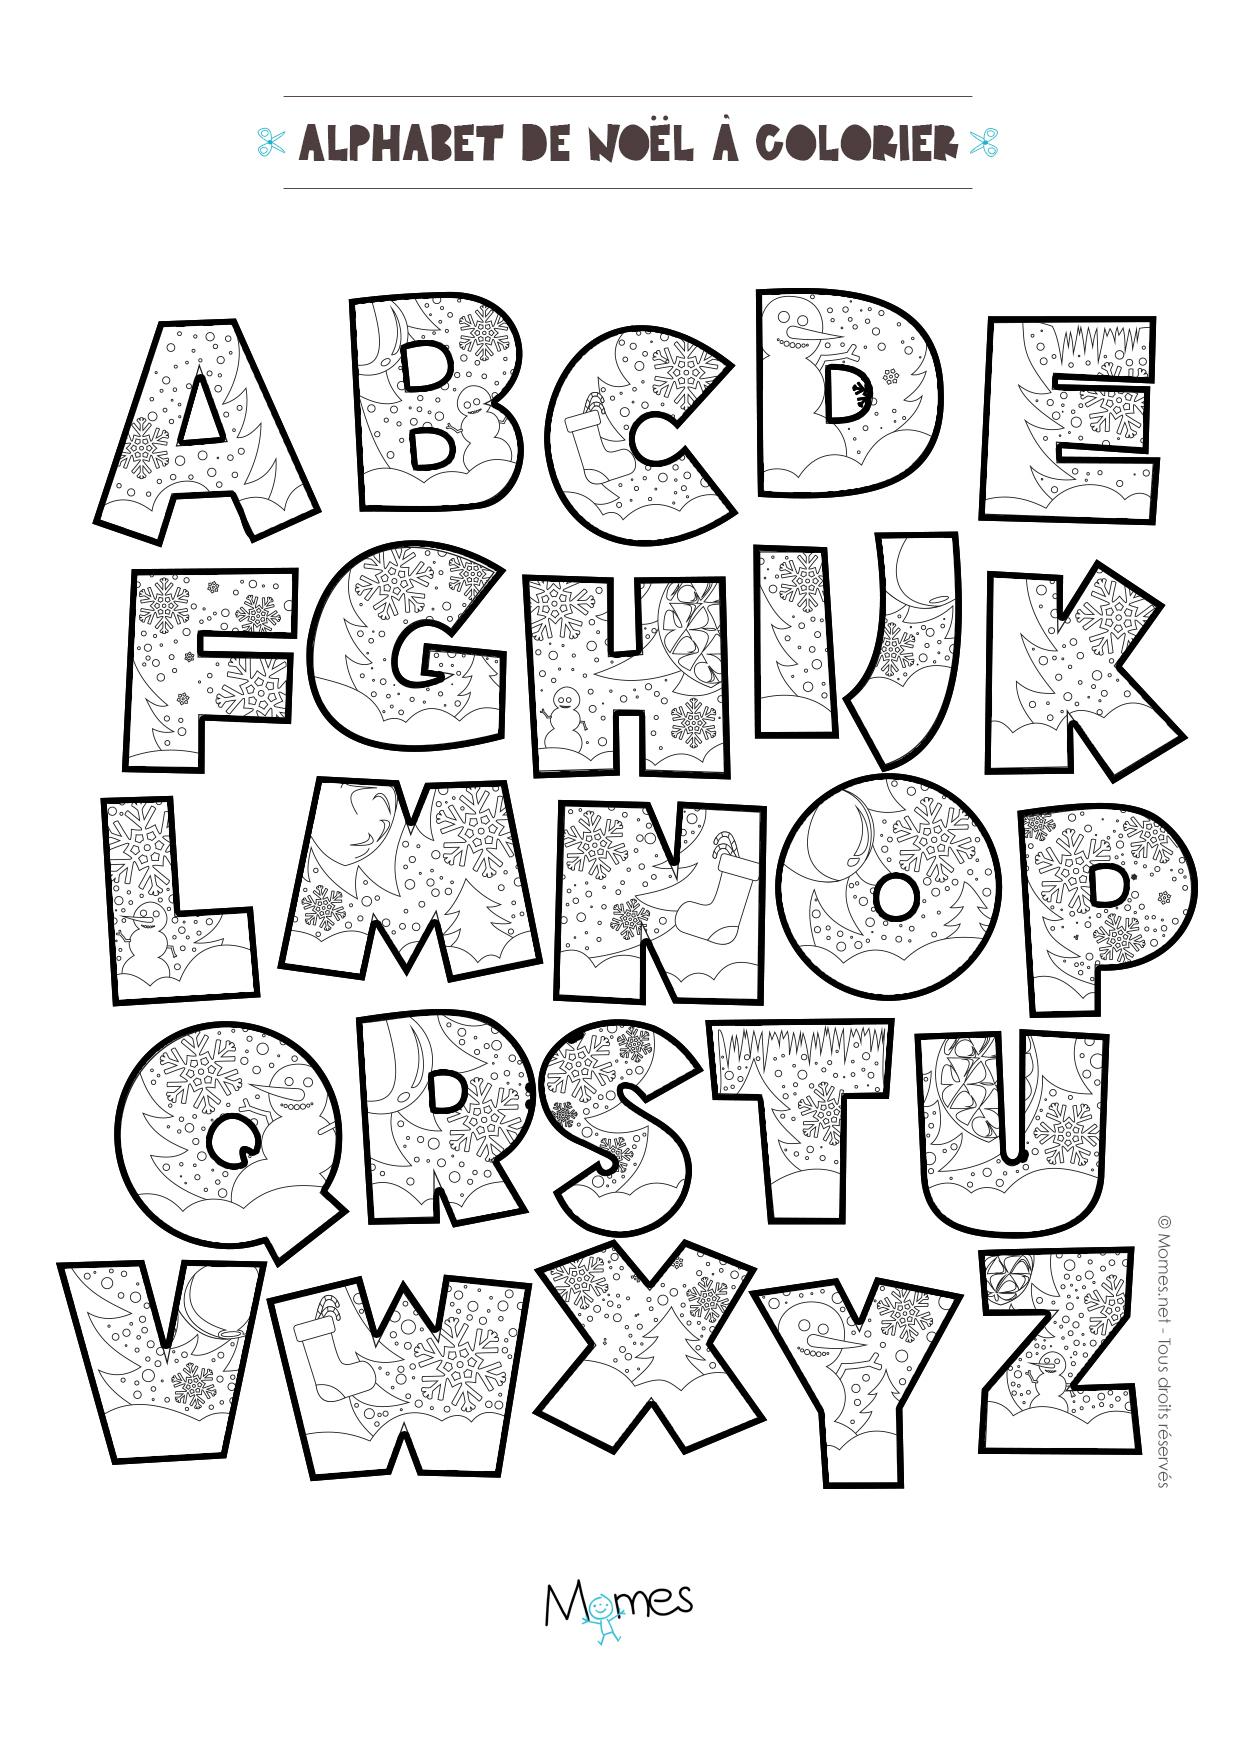 Coloriage Alphabet De Noël À Imprimer - Momes encequiconcerne Coloriage D Alphabet